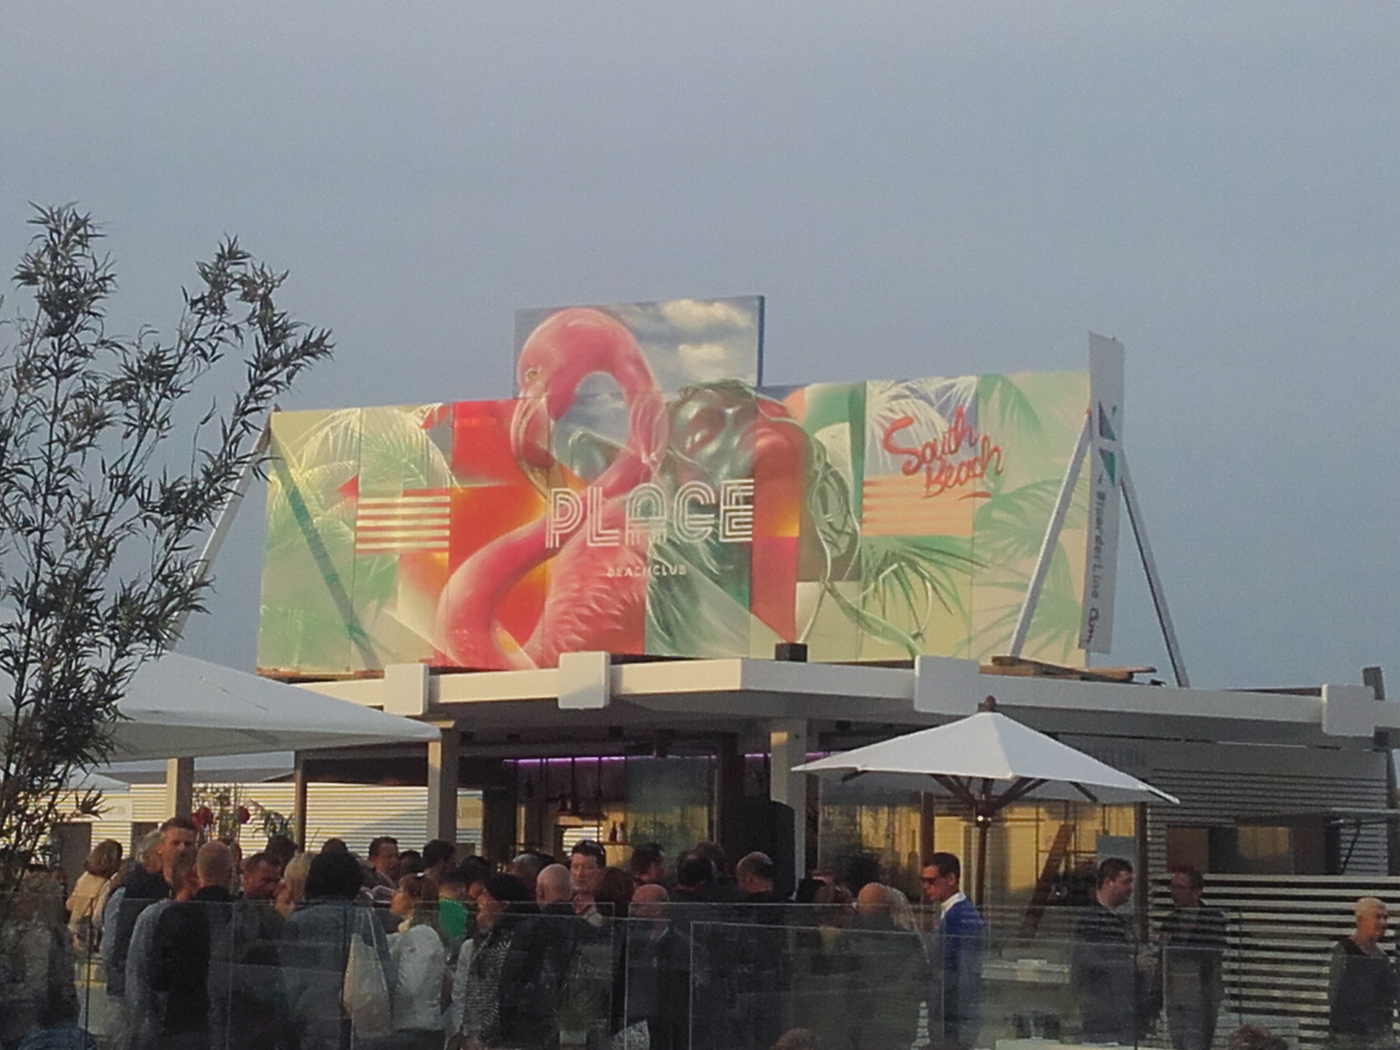 Live paint demo LaPlage Knokke-Heist